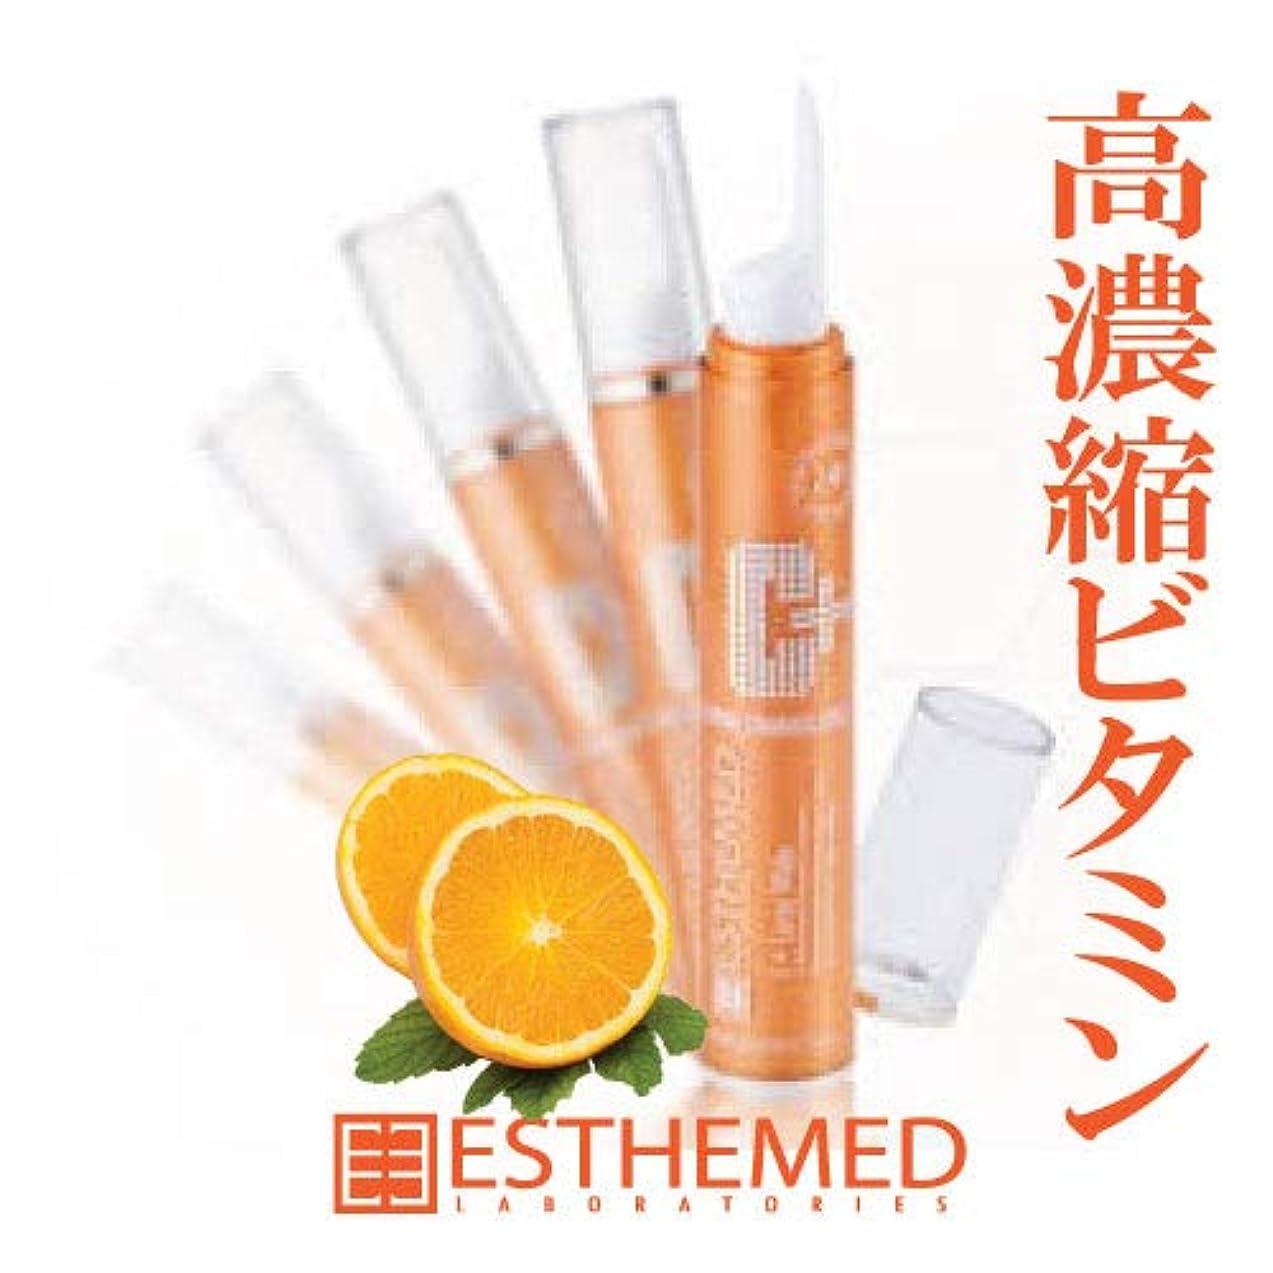 思われるまたねコンサルタント[ESTHEMED][エステメド]純粋なビタミンCの驚くホワイトニングC+レーザーホワイト15ml/ビタミン、Whitening、レーザ